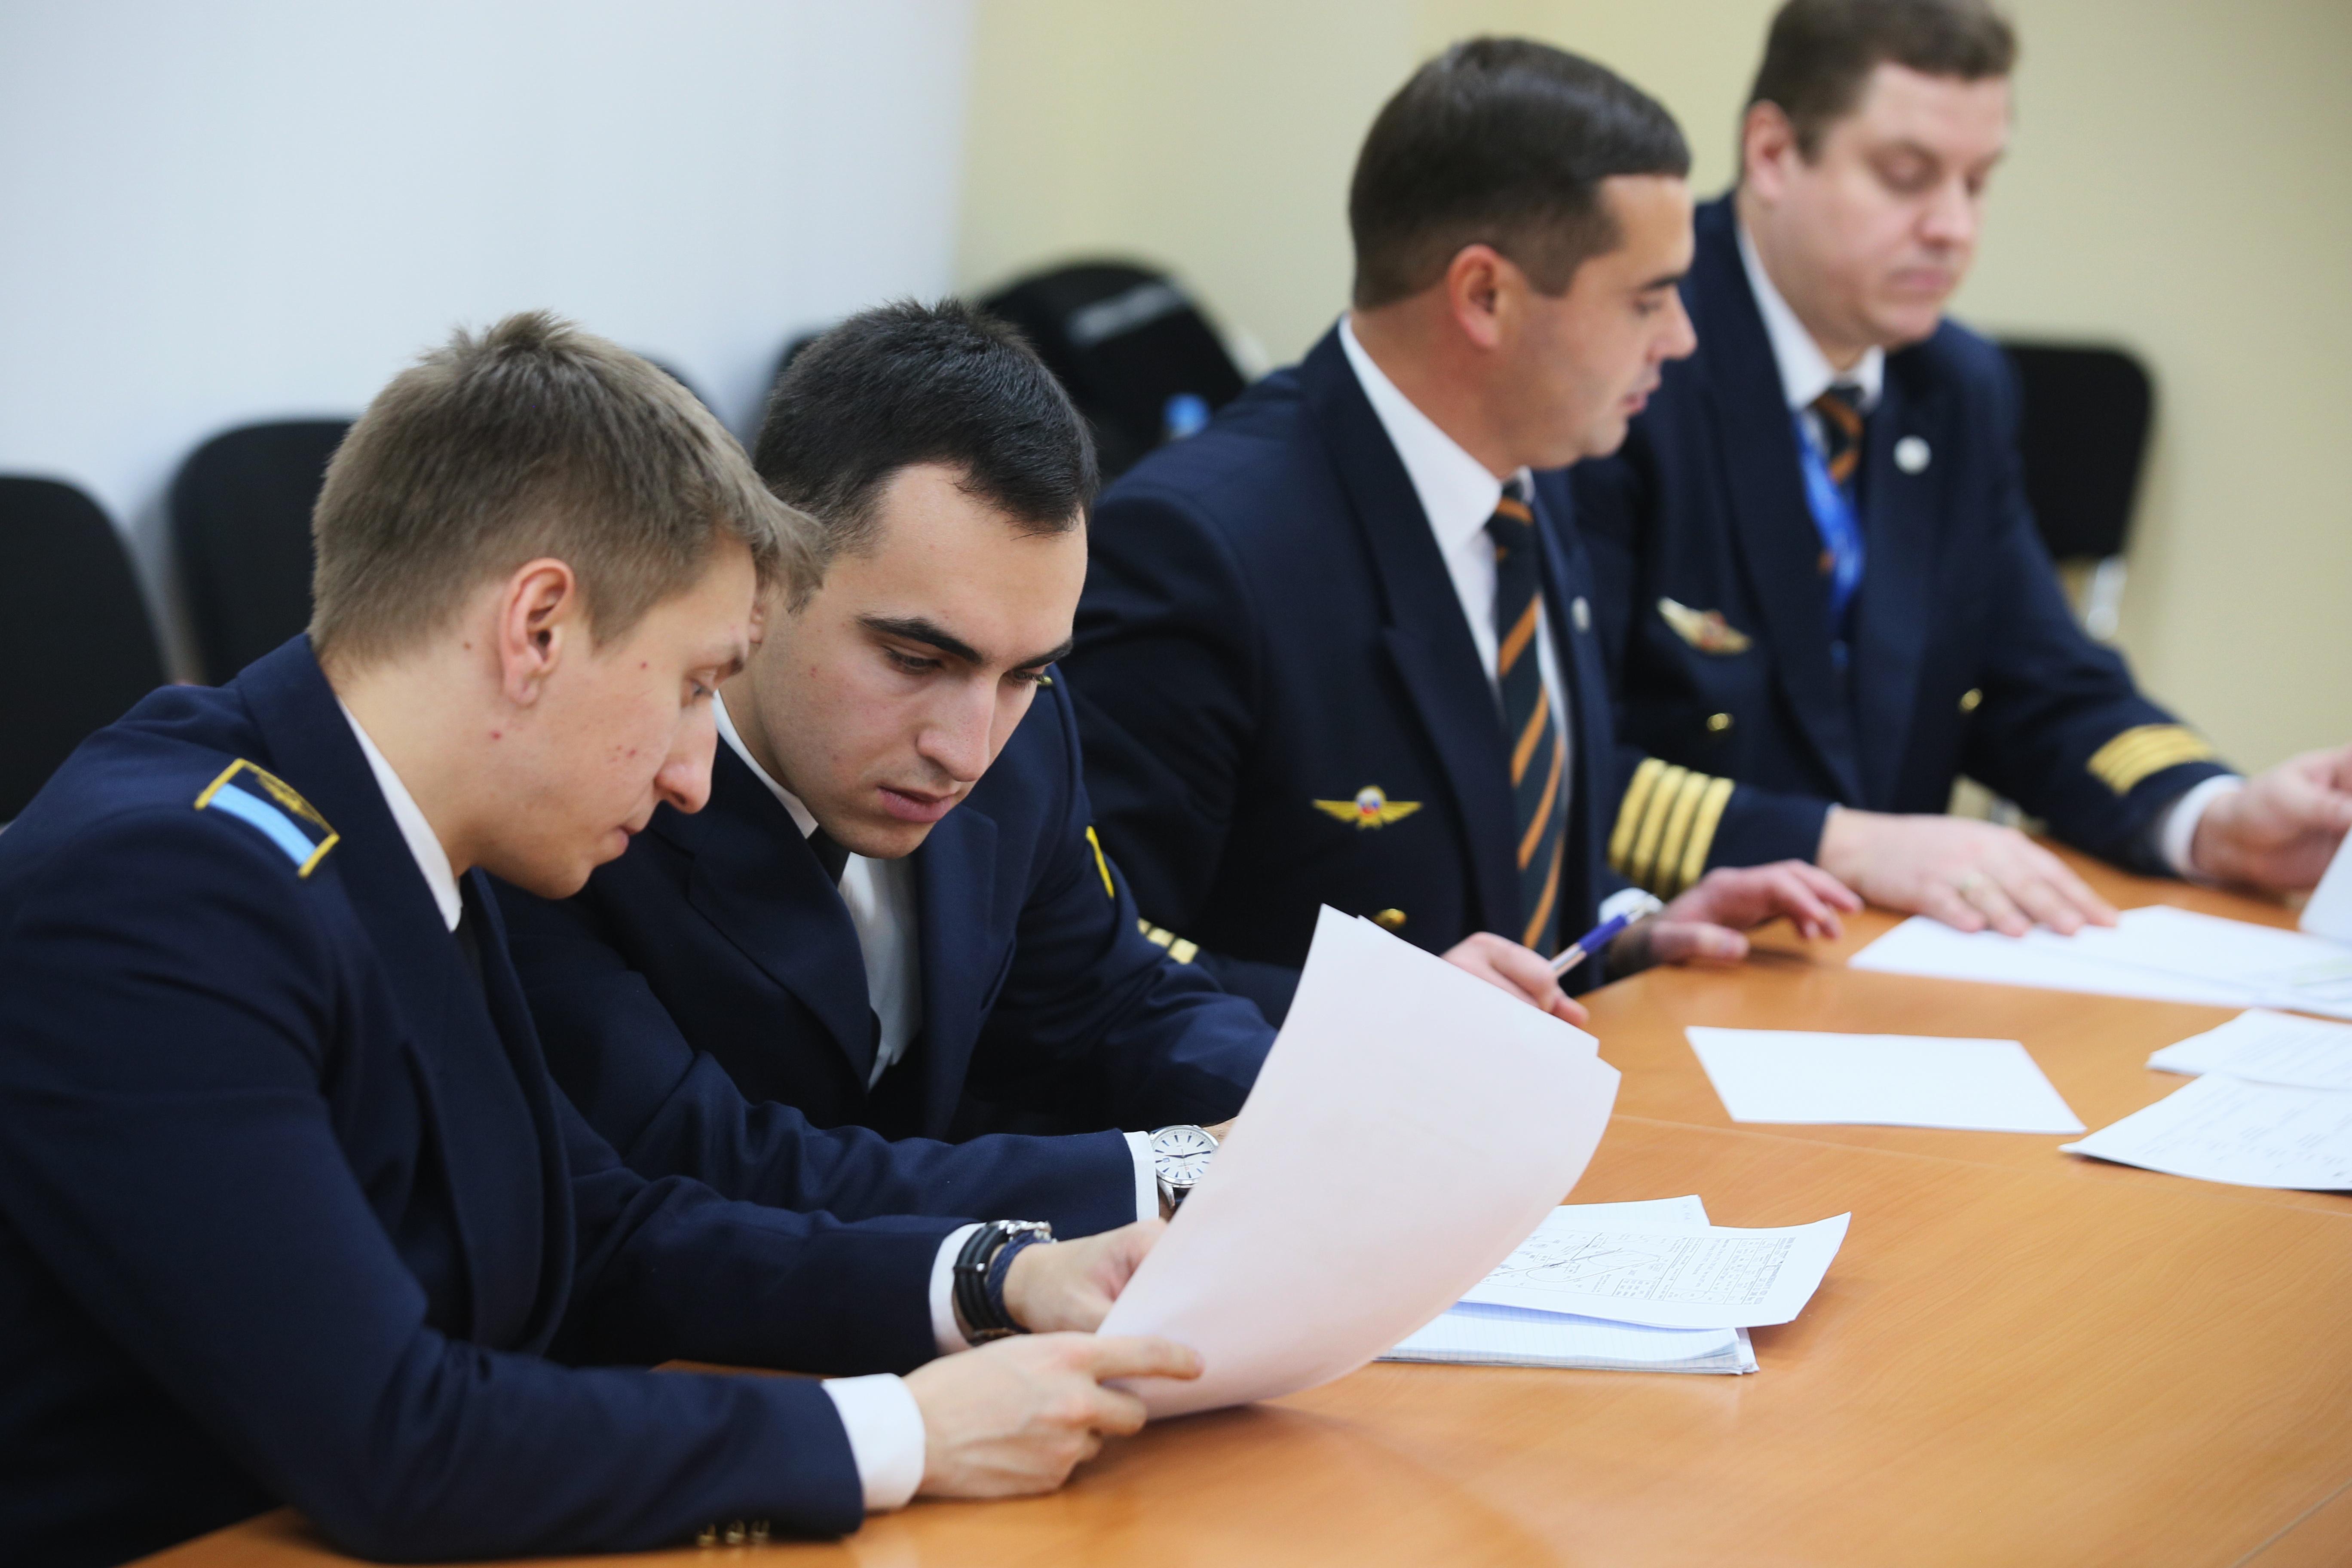 Прежде чем сесть в кабину, участники сдавали техническое тестирование по тем дисциплинам, которым обучают в летных училищах.